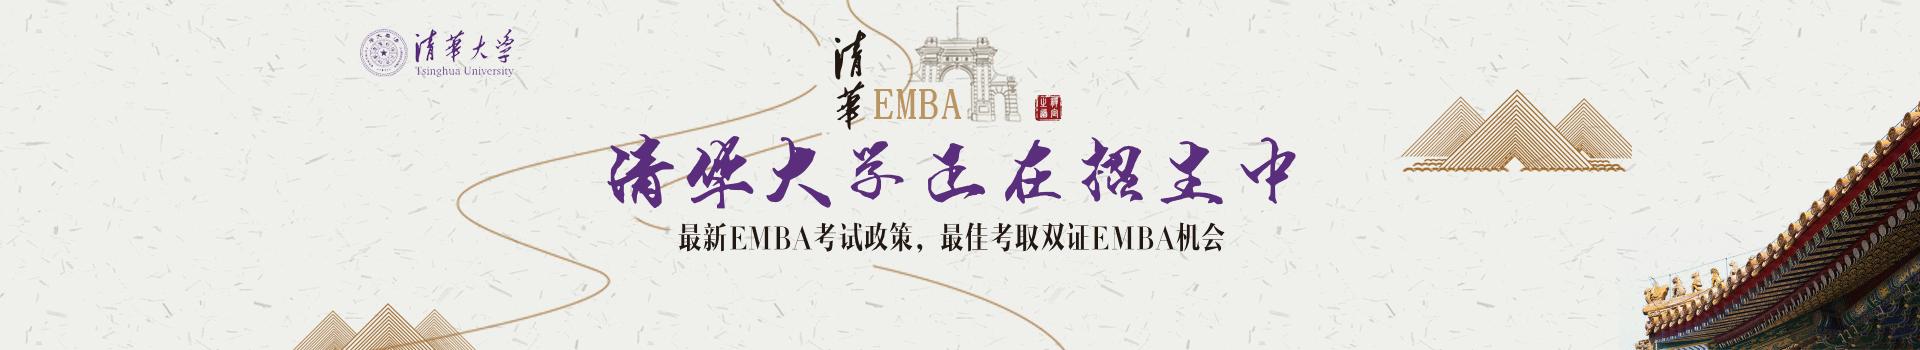 清华大学经济管理学院高级工商管理硕士EMBA招生简章